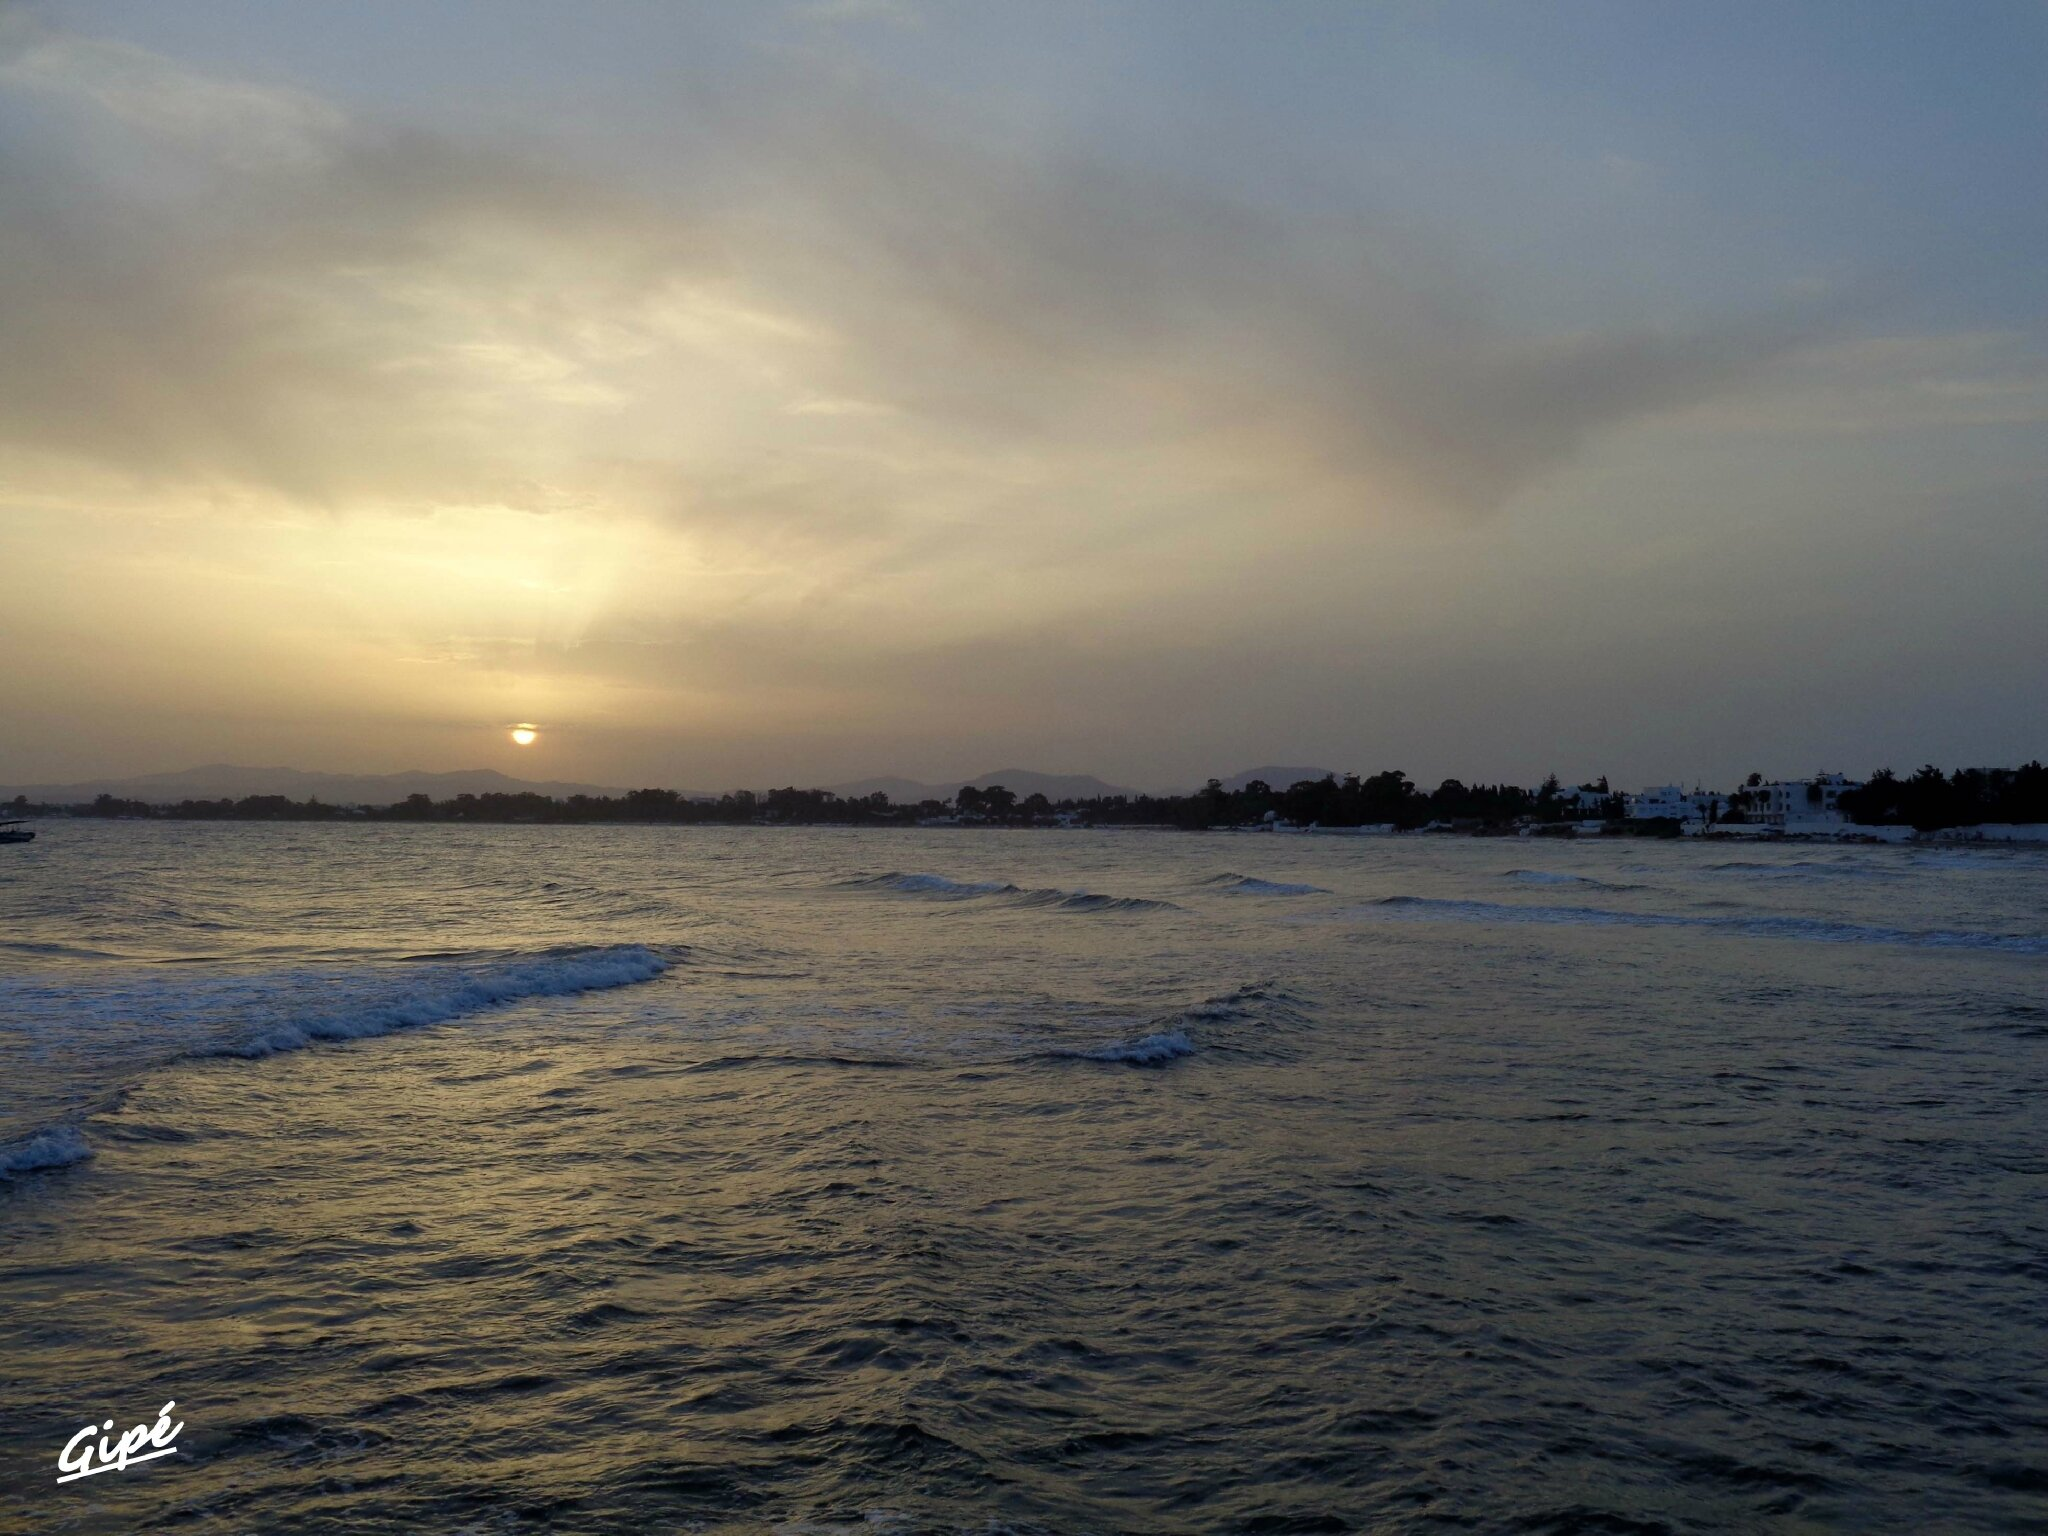 Le coucher de soleil du vendredi 4 juillet 2014